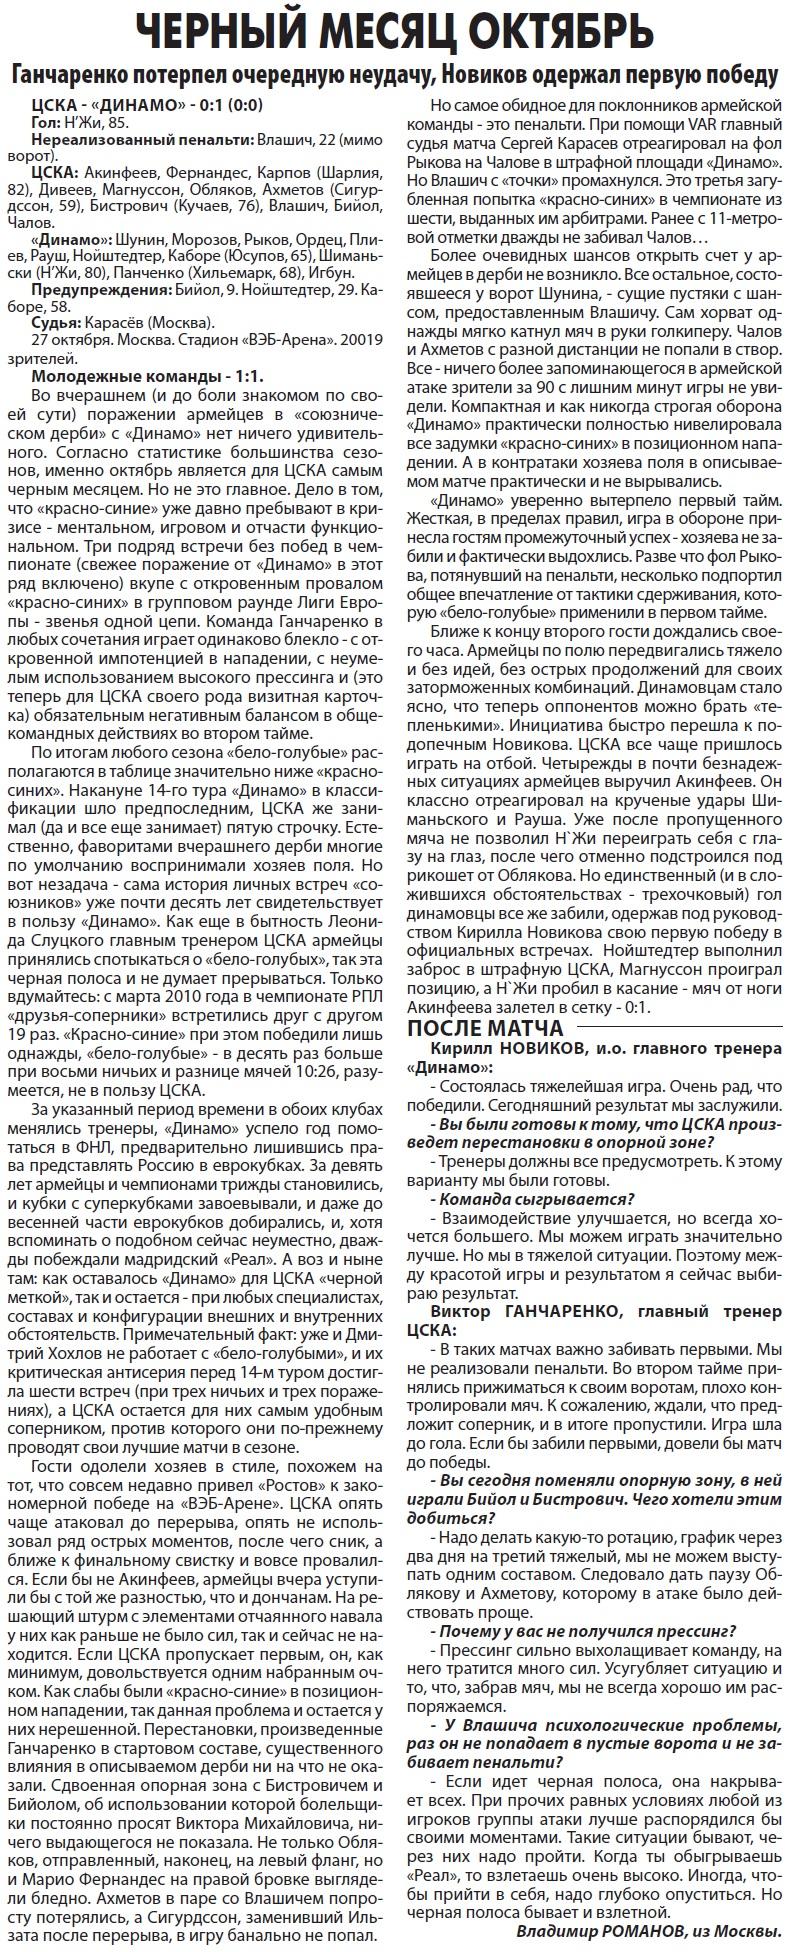 ЦСКА (Москва) - Динамо (Москва) 0:1